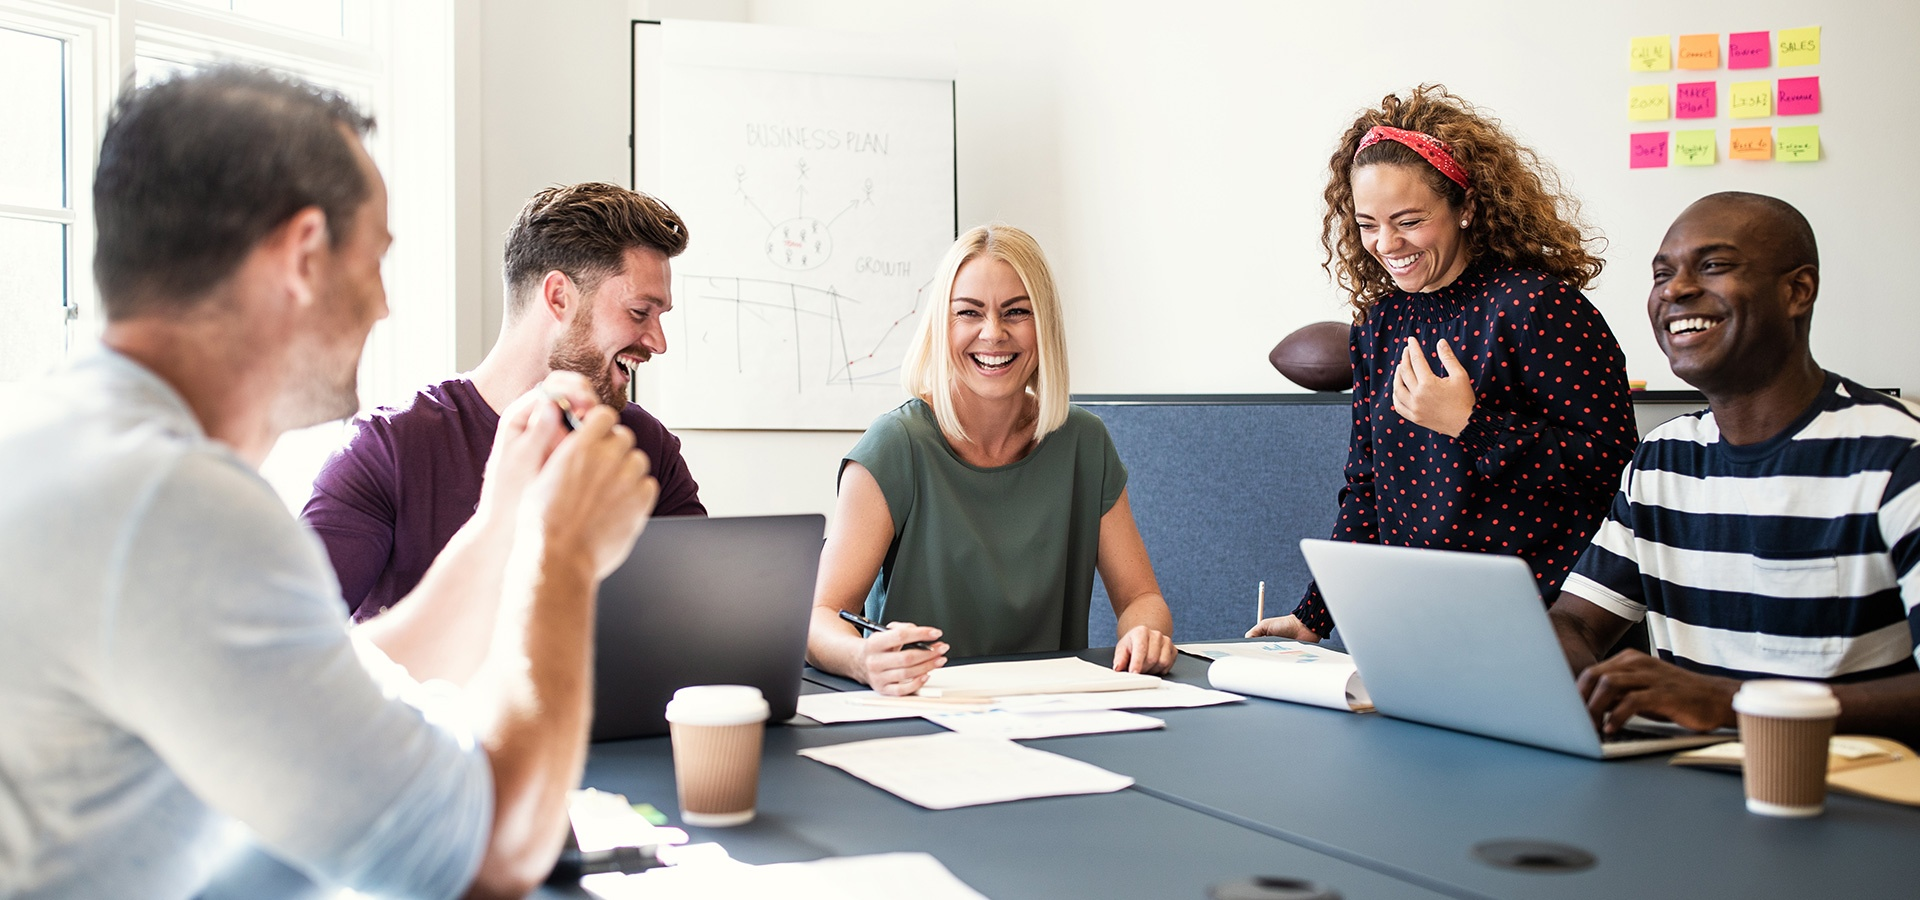 LINK Mobility - Gruppe von Kollegen im Büro, Zielgerichtete Kommunikation für Marketing- und Saleskampagnen